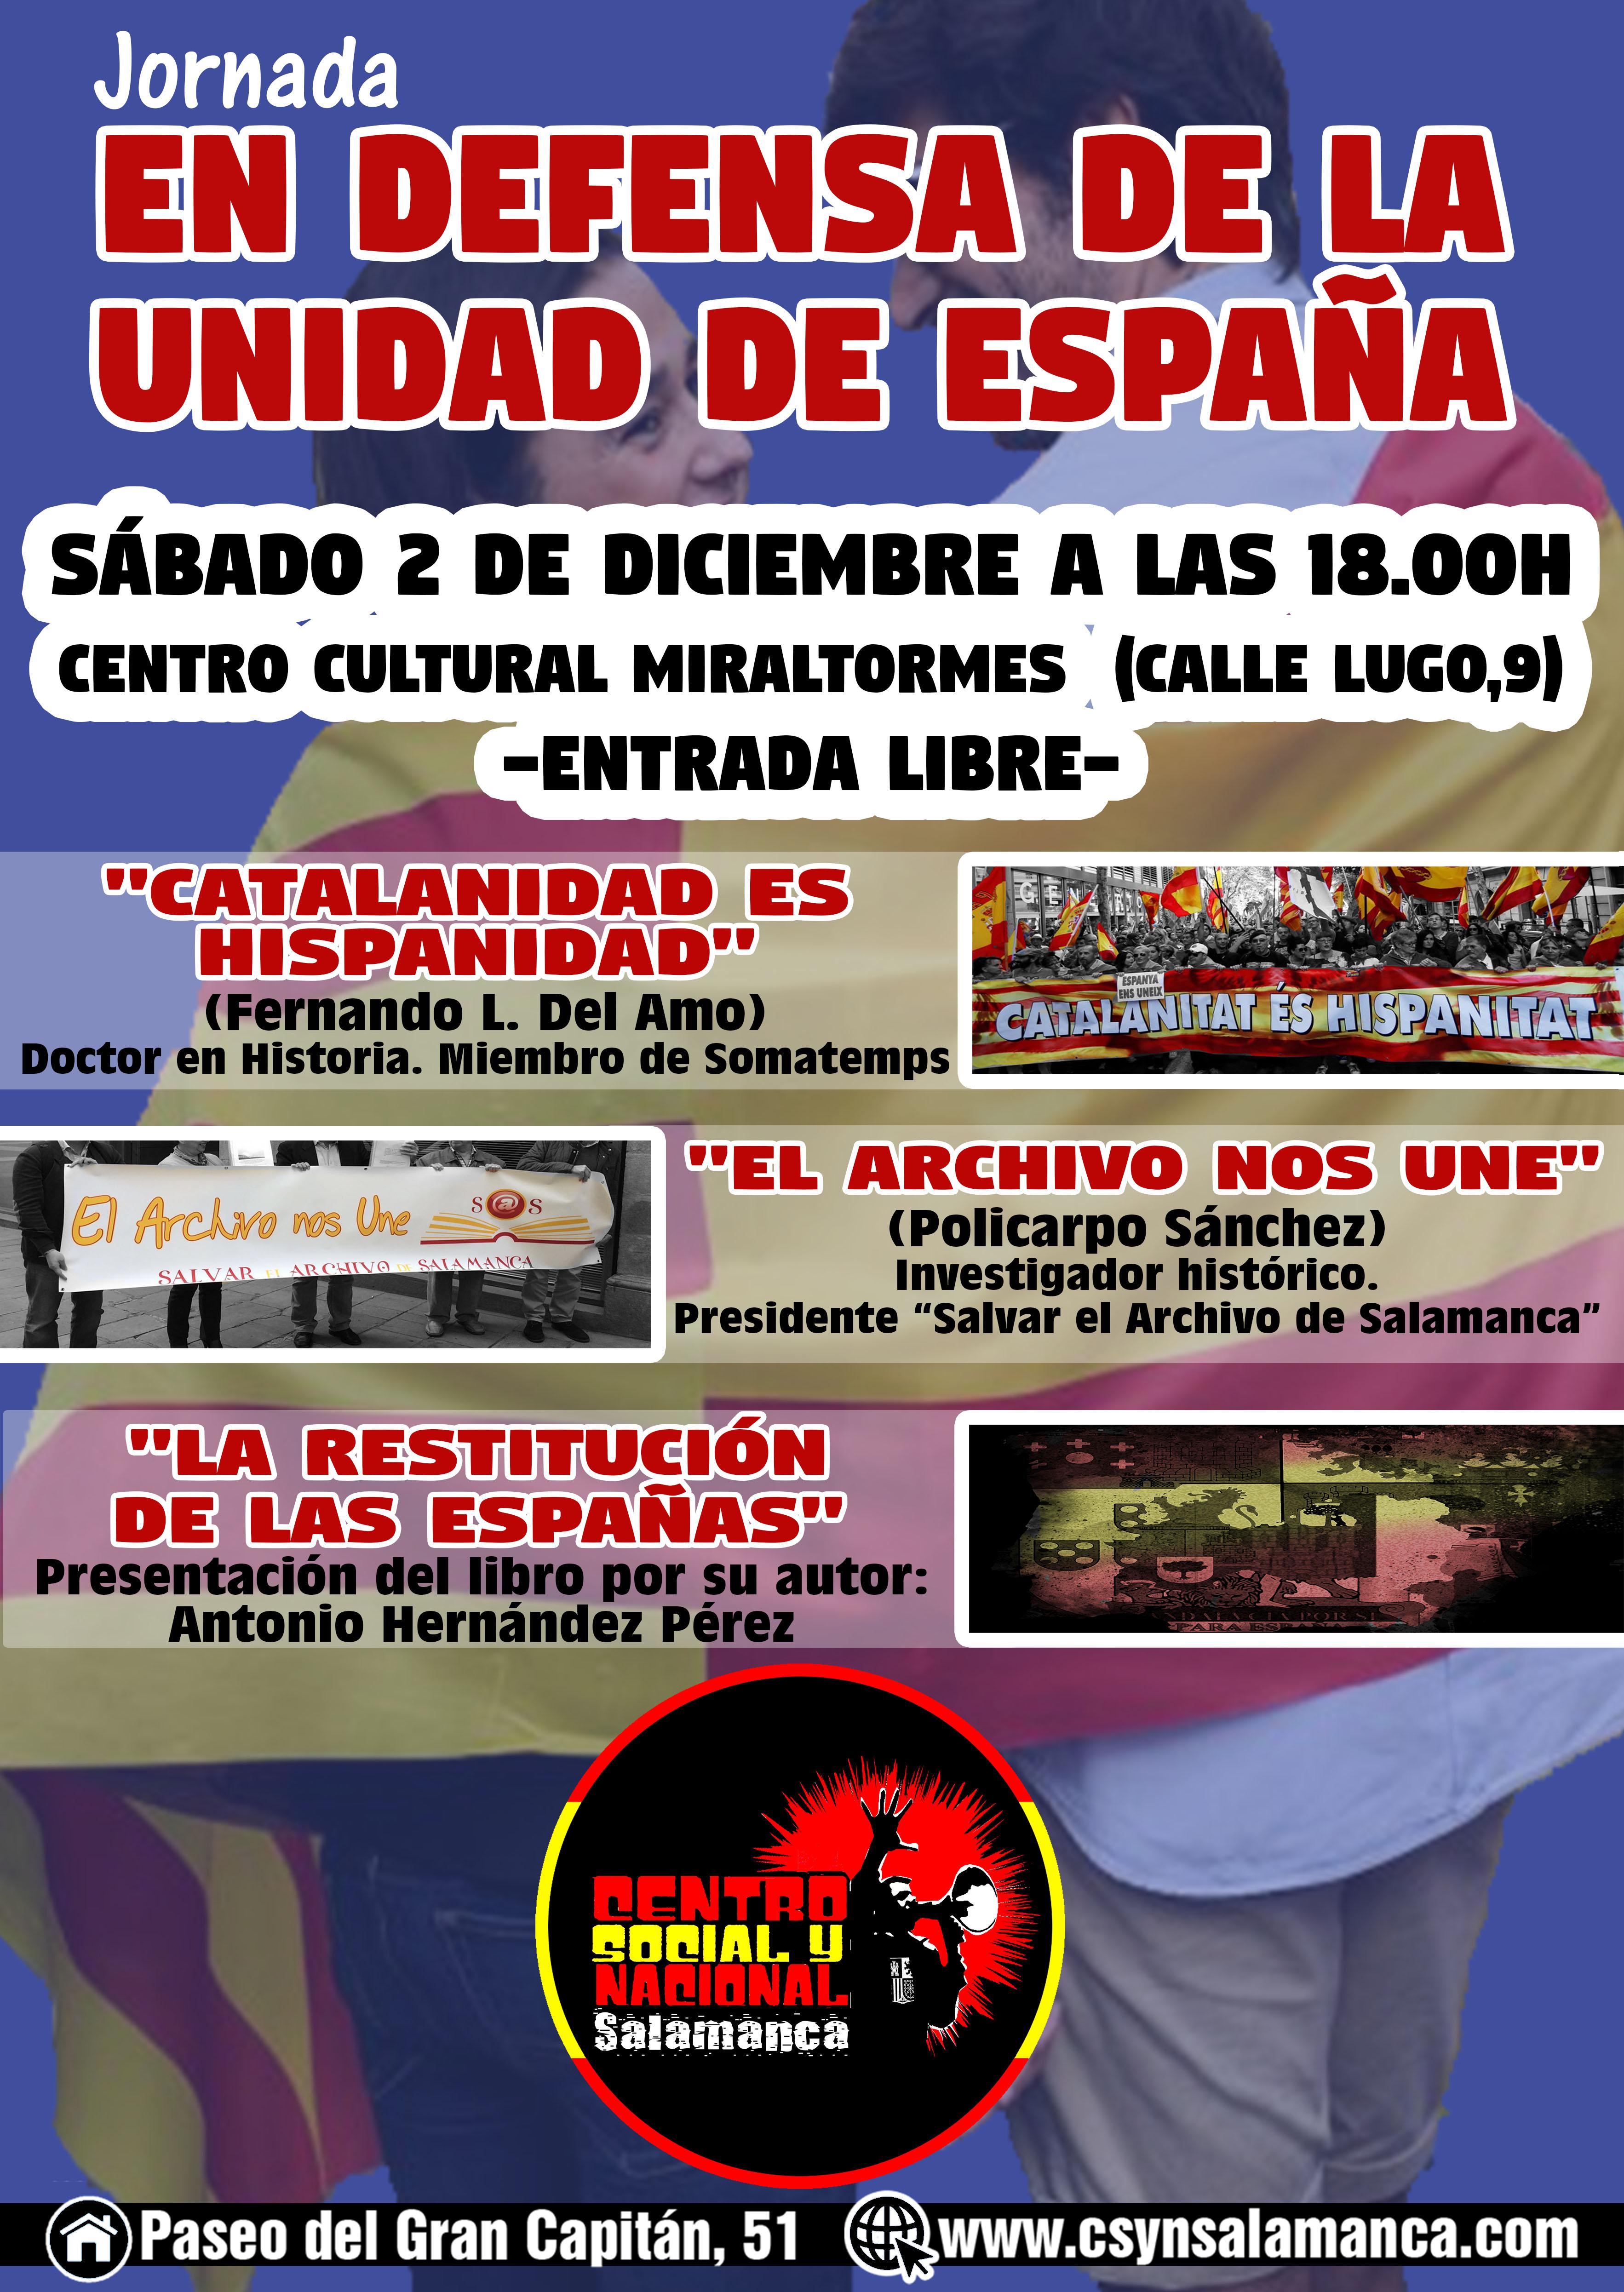 83ae1f971 Este Sábado 2 de Diciembre a partir de las 18.00h en el Centro Cultural  Miraltormes (Calle Lugo